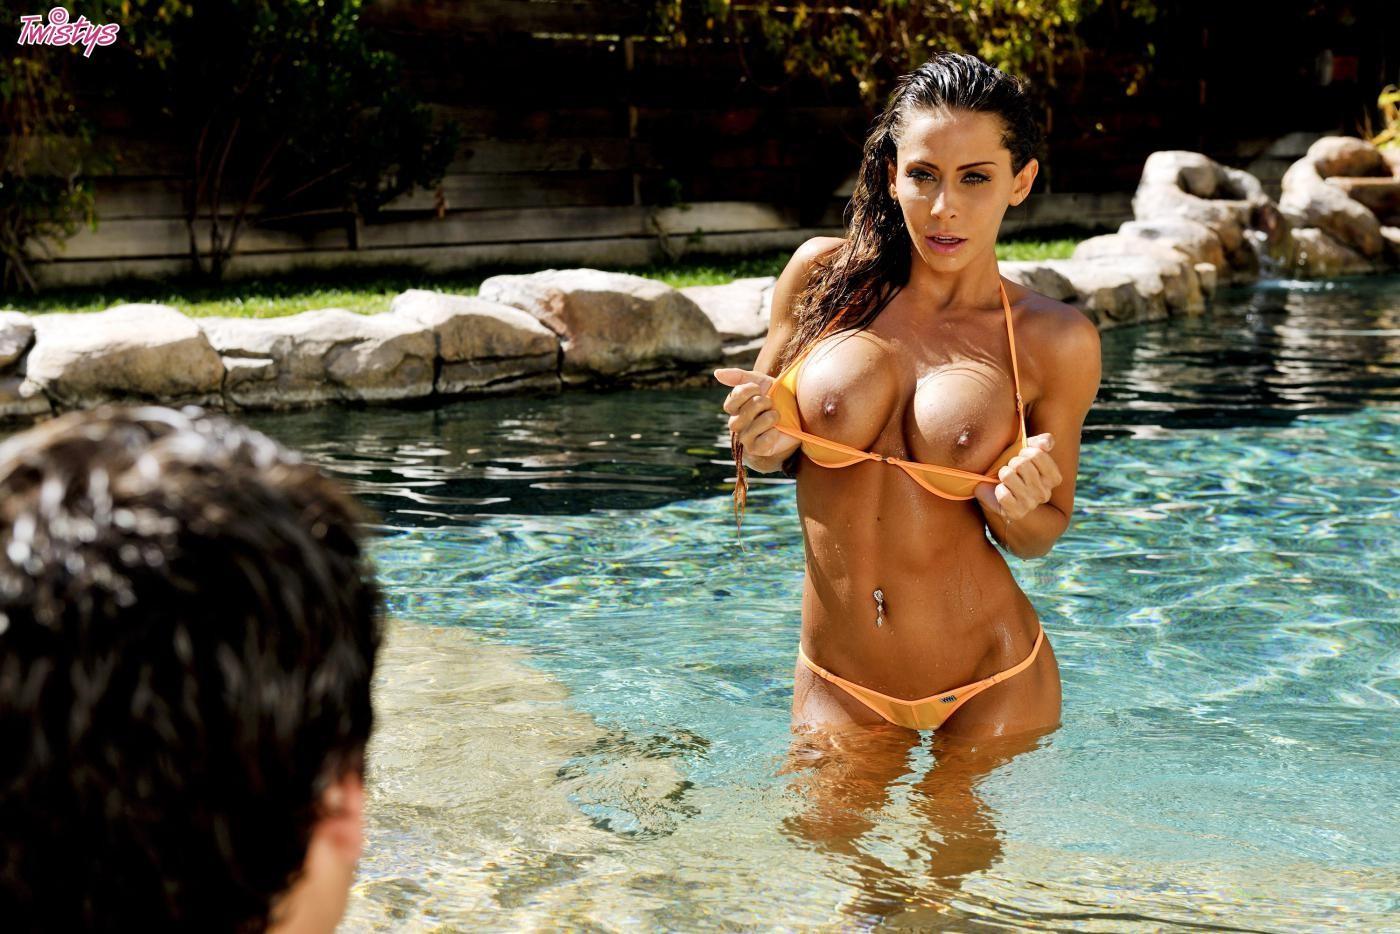 Ебля в бассейне женщины с силиконовой грудью